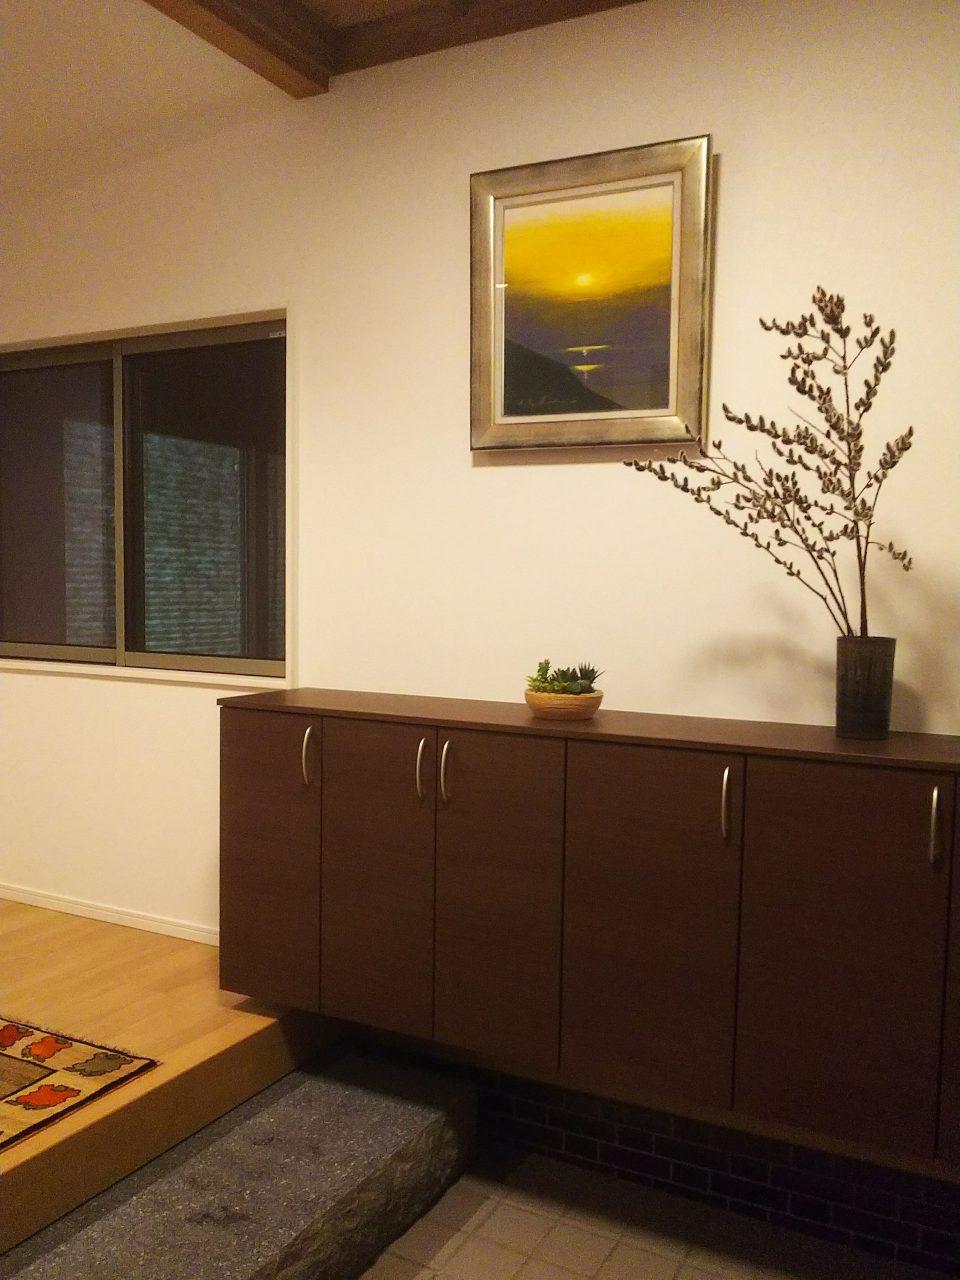 絵画や植物が飾ってあり、落ち着いた空間です。